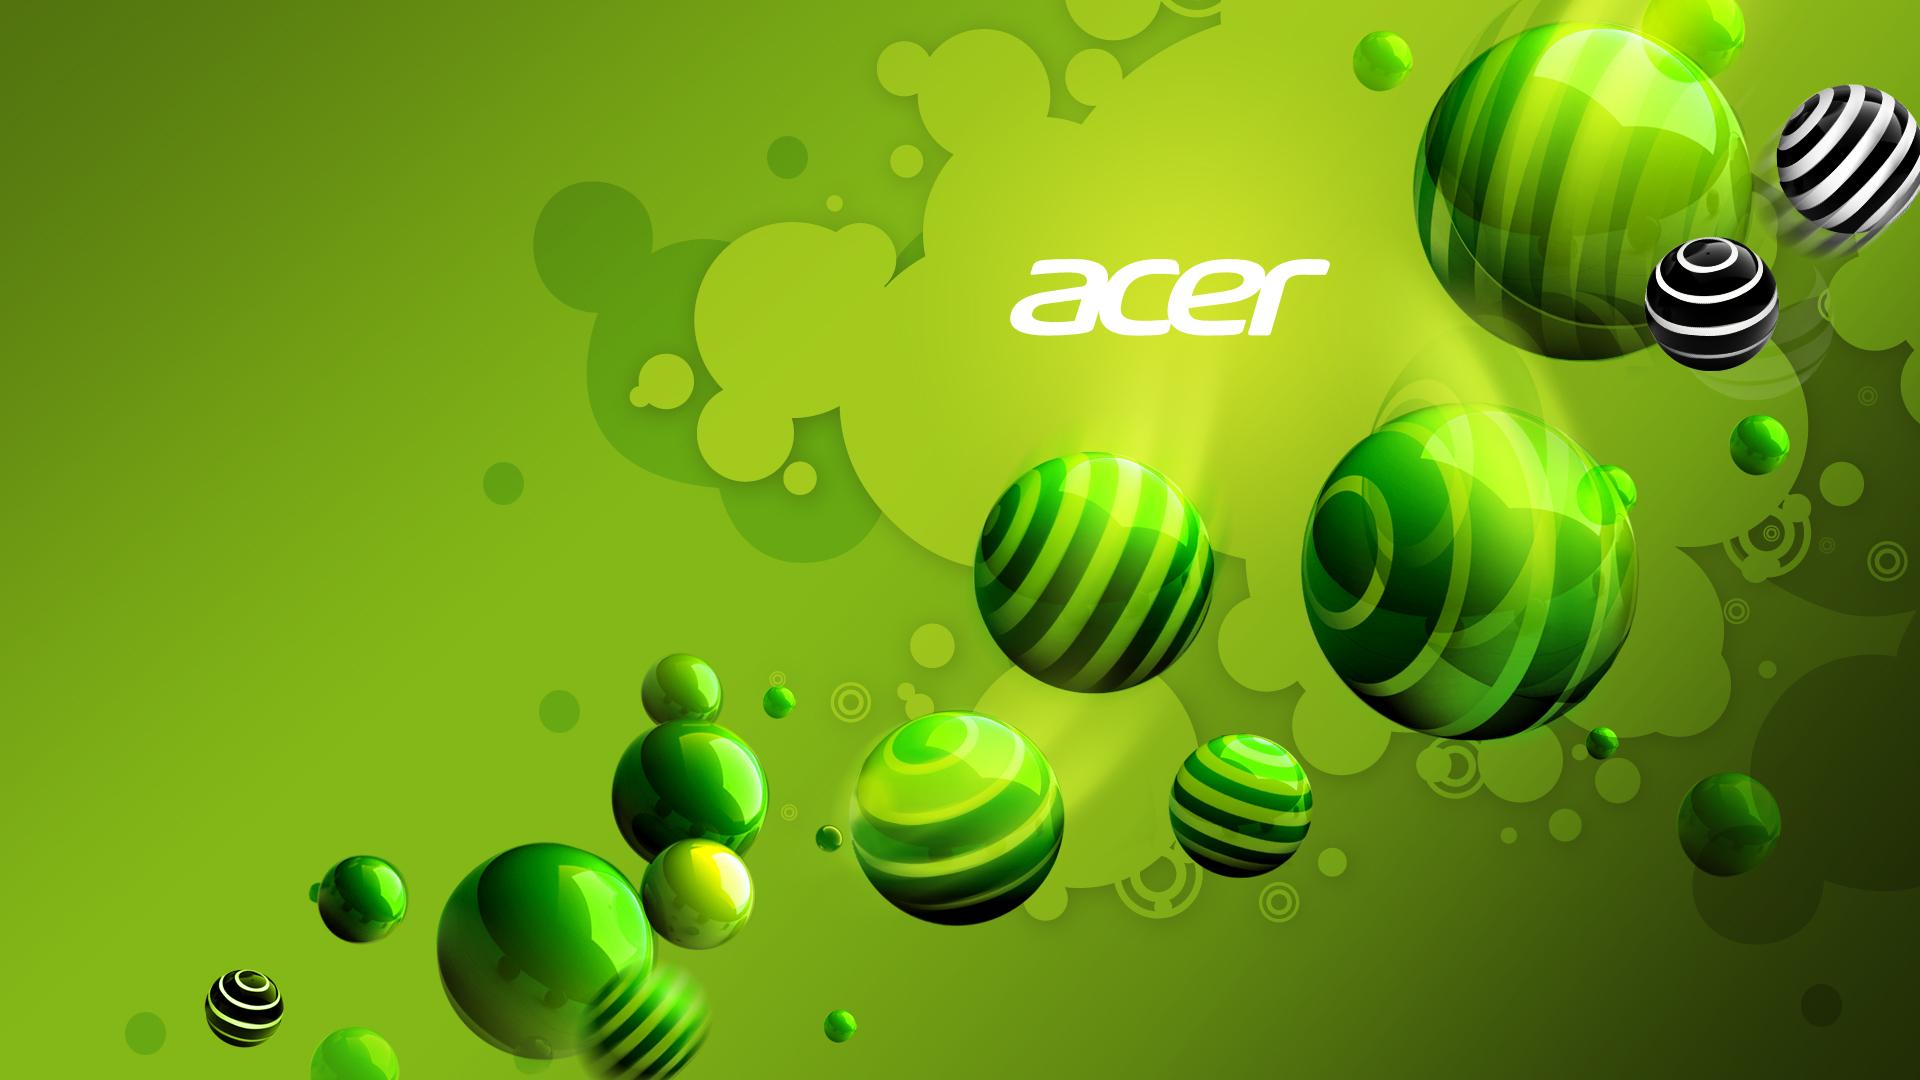 Acer Wallpaper For Windows 8